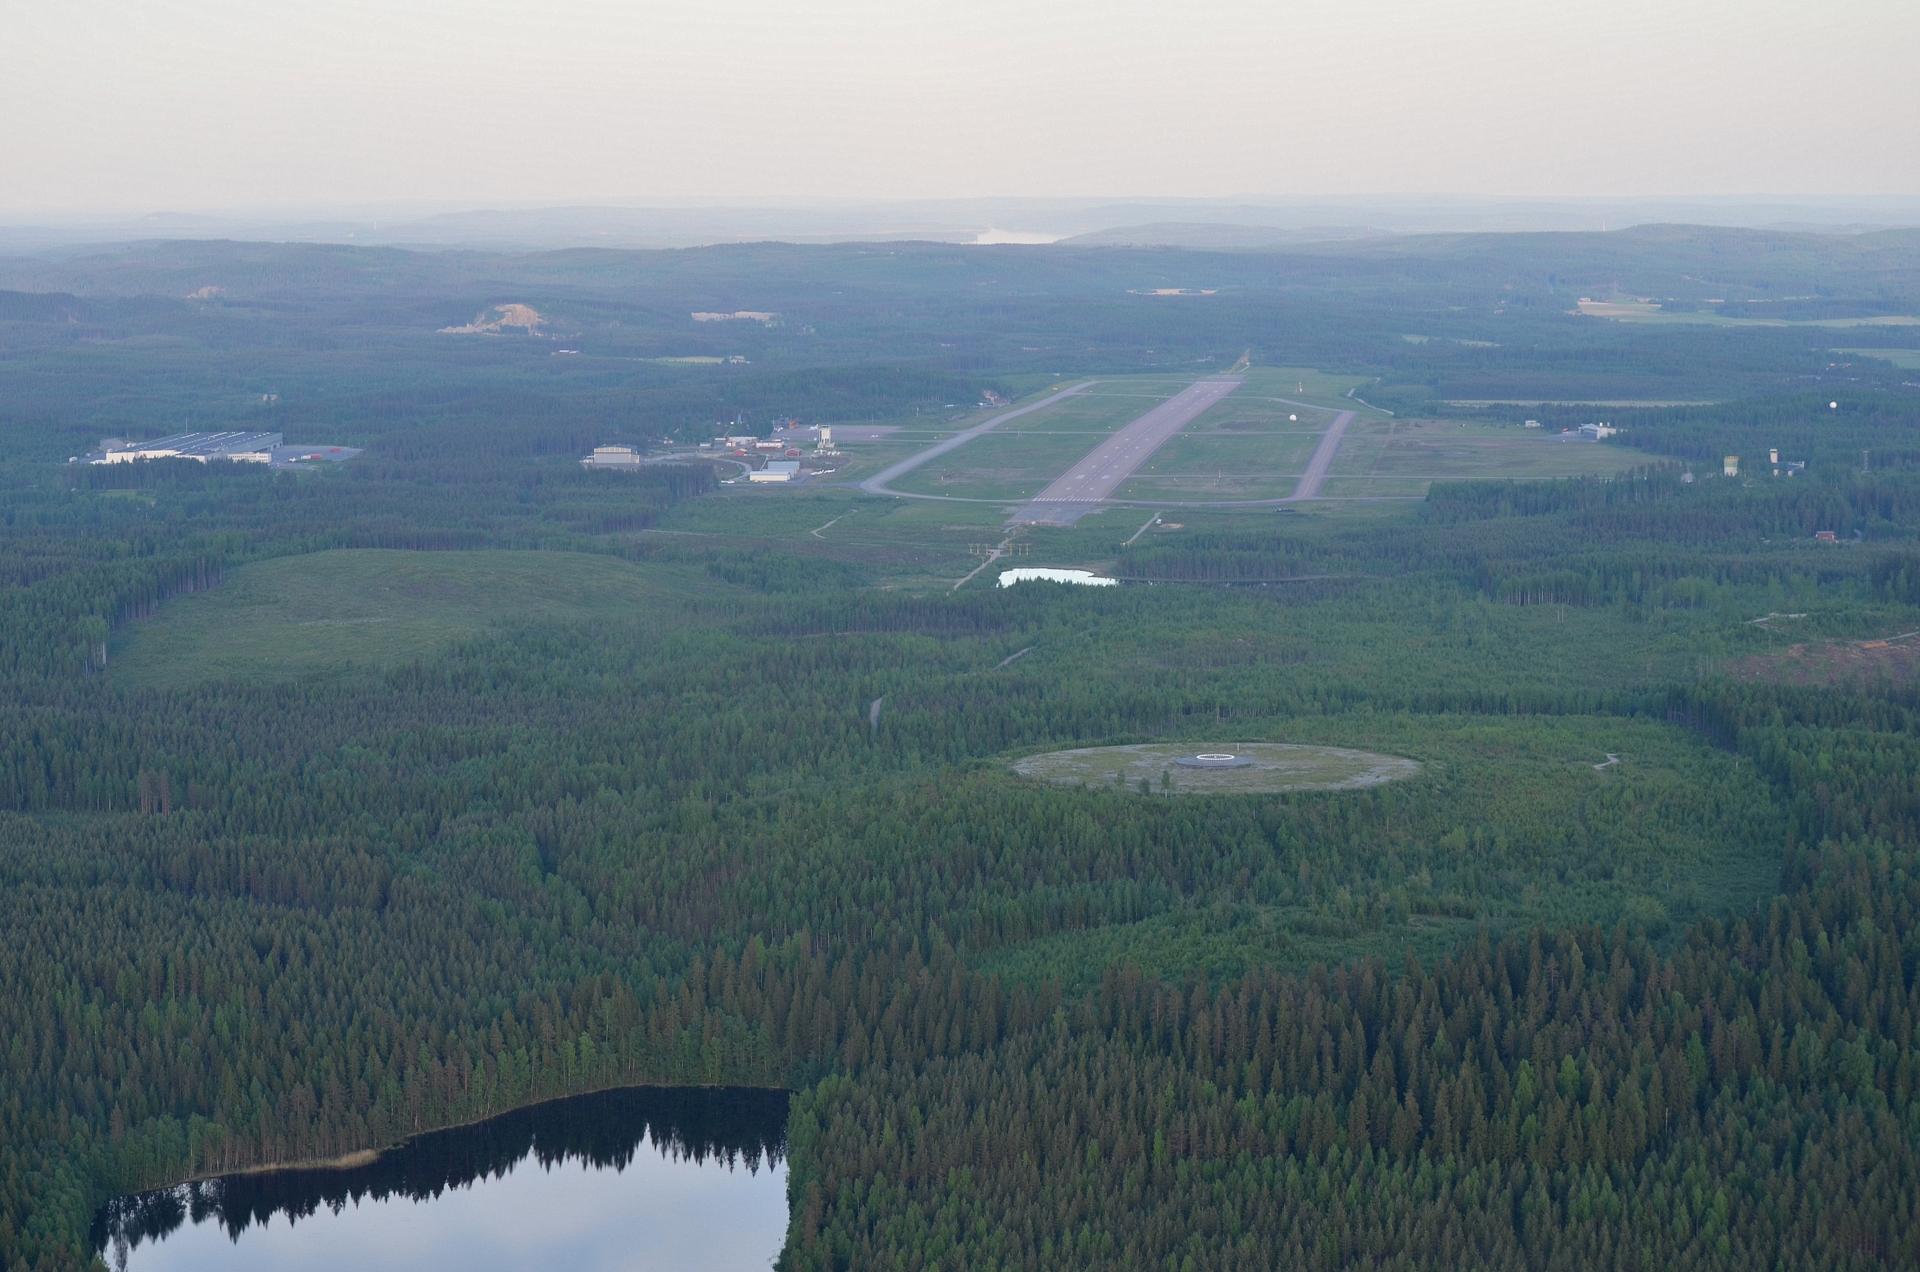 Tikkakosken lentokenttä luoteispäästä nähtynä. Kuvassa vasemmalla Lidlin varastoterminaali ja kentän vieressä lentoasema.